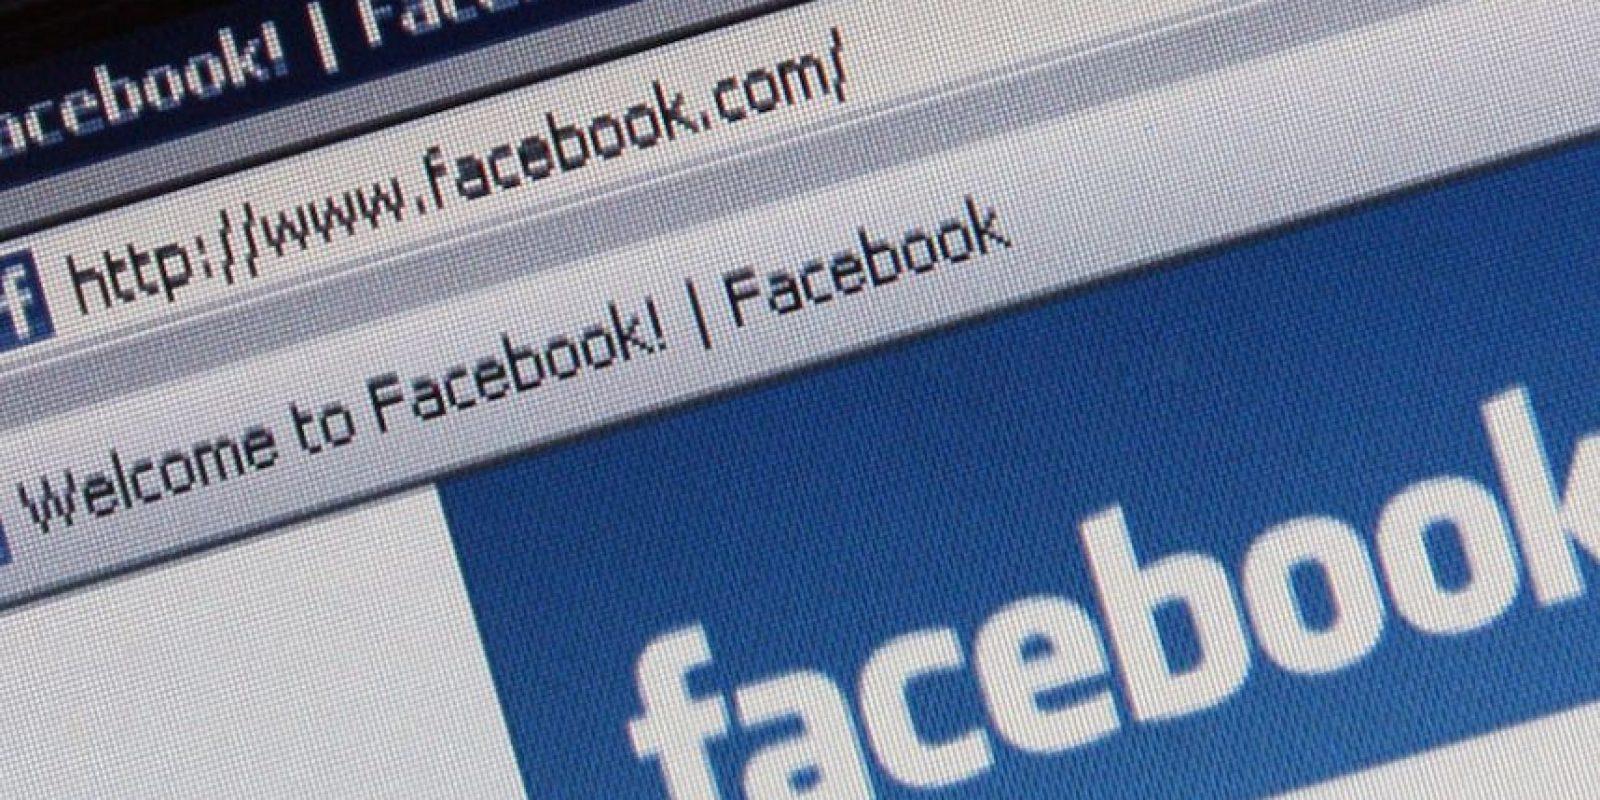 Los celos hicieron que un hombre matara a su novia por no darle su contraseña de Facebook. Foto:Getty Images